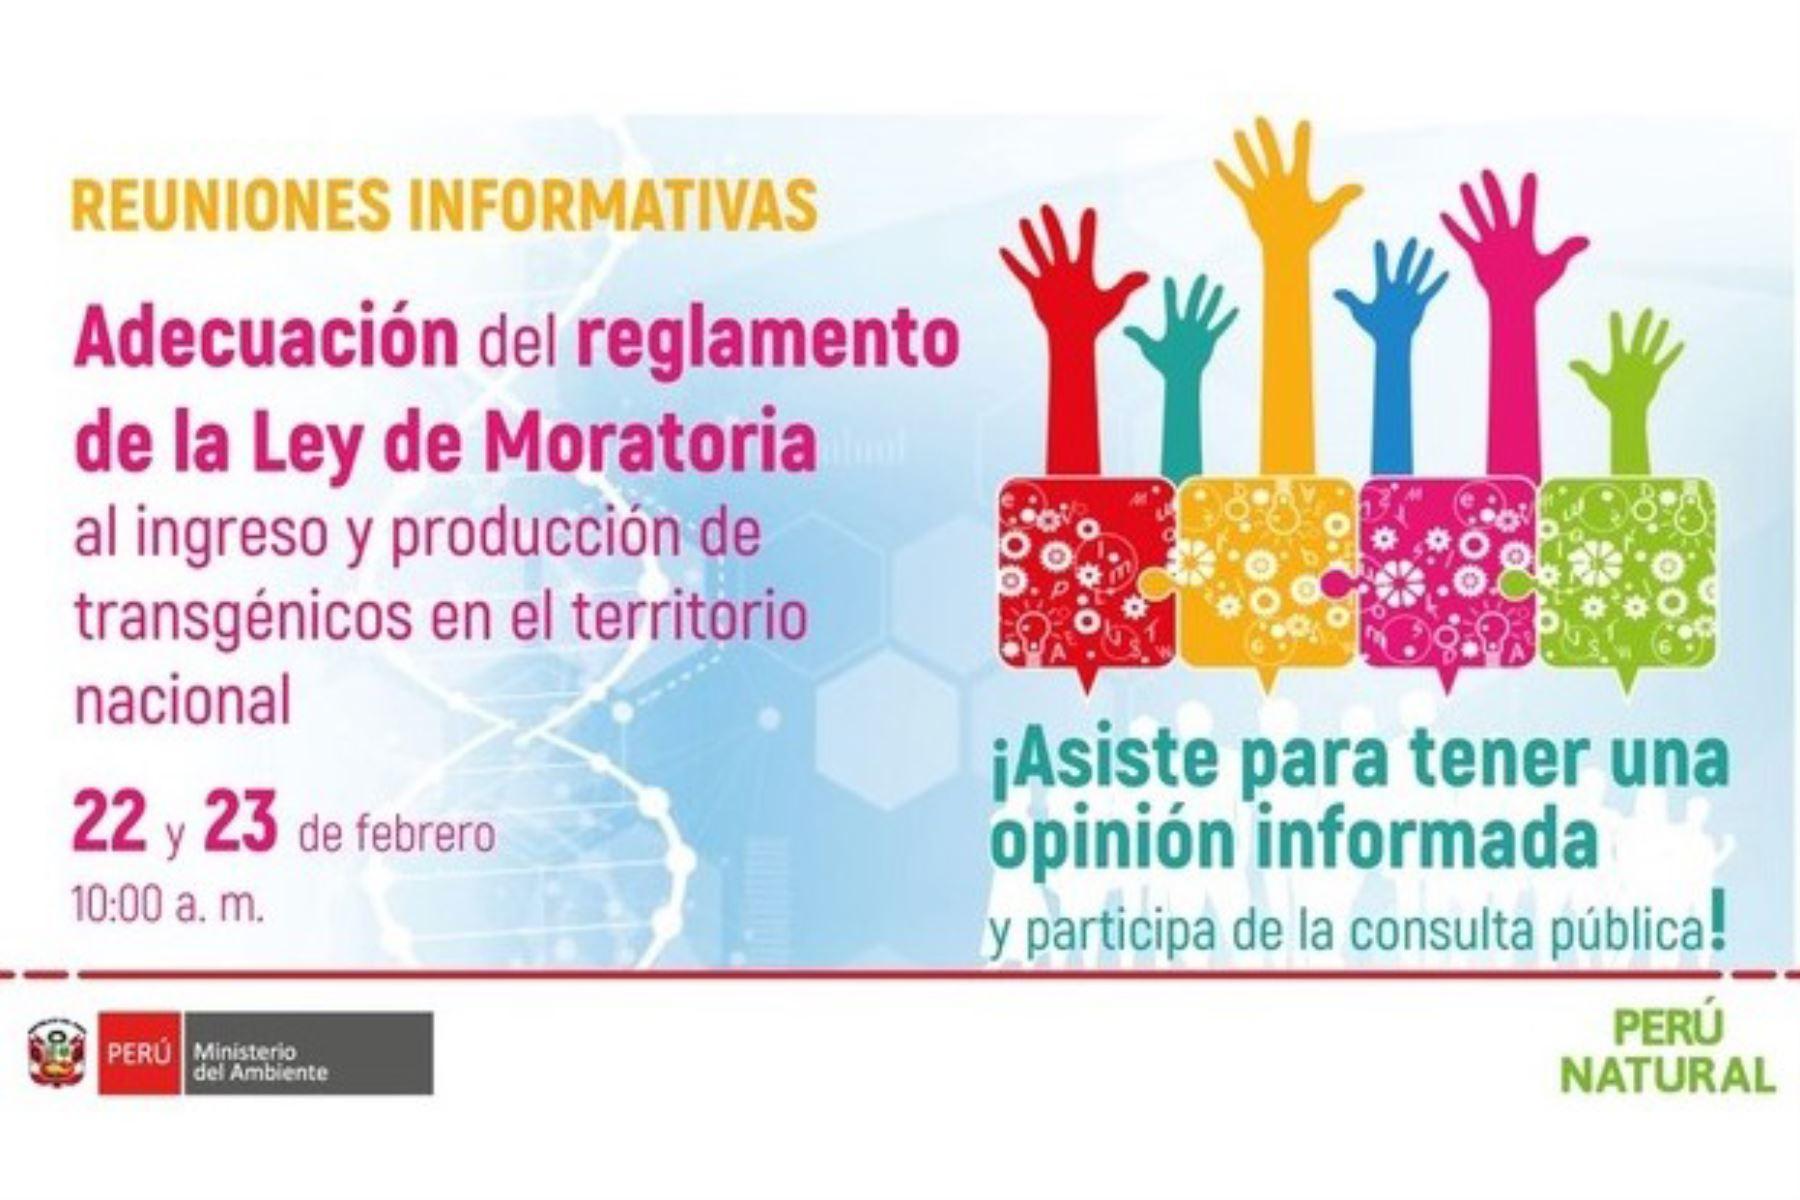 minam-hara-reuniones-informativas-sobre-ley-de-moratoria-de-productos-transgenicos